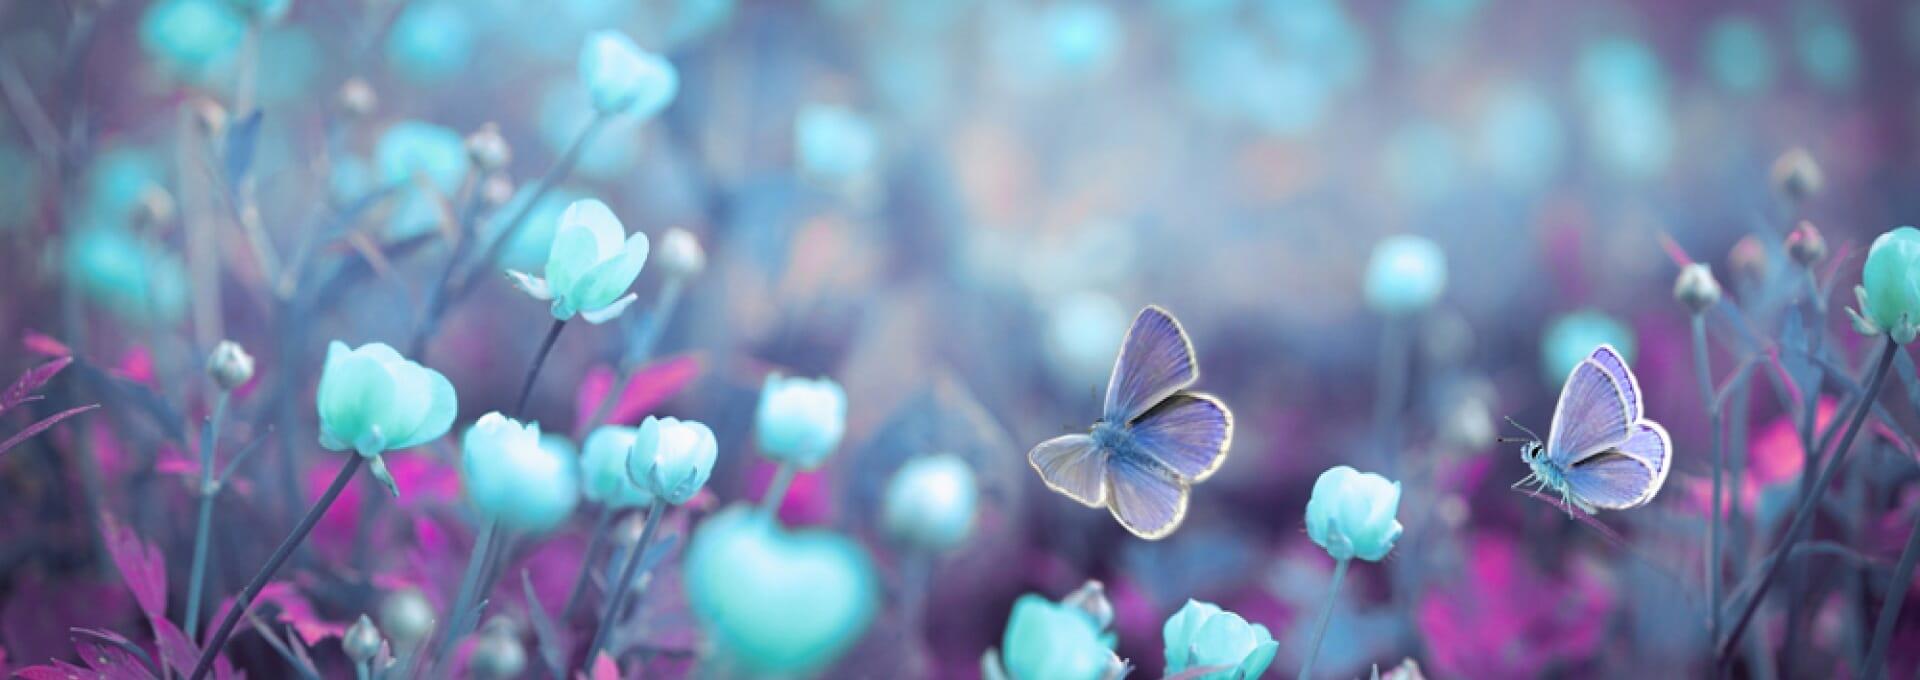 papilon hiver